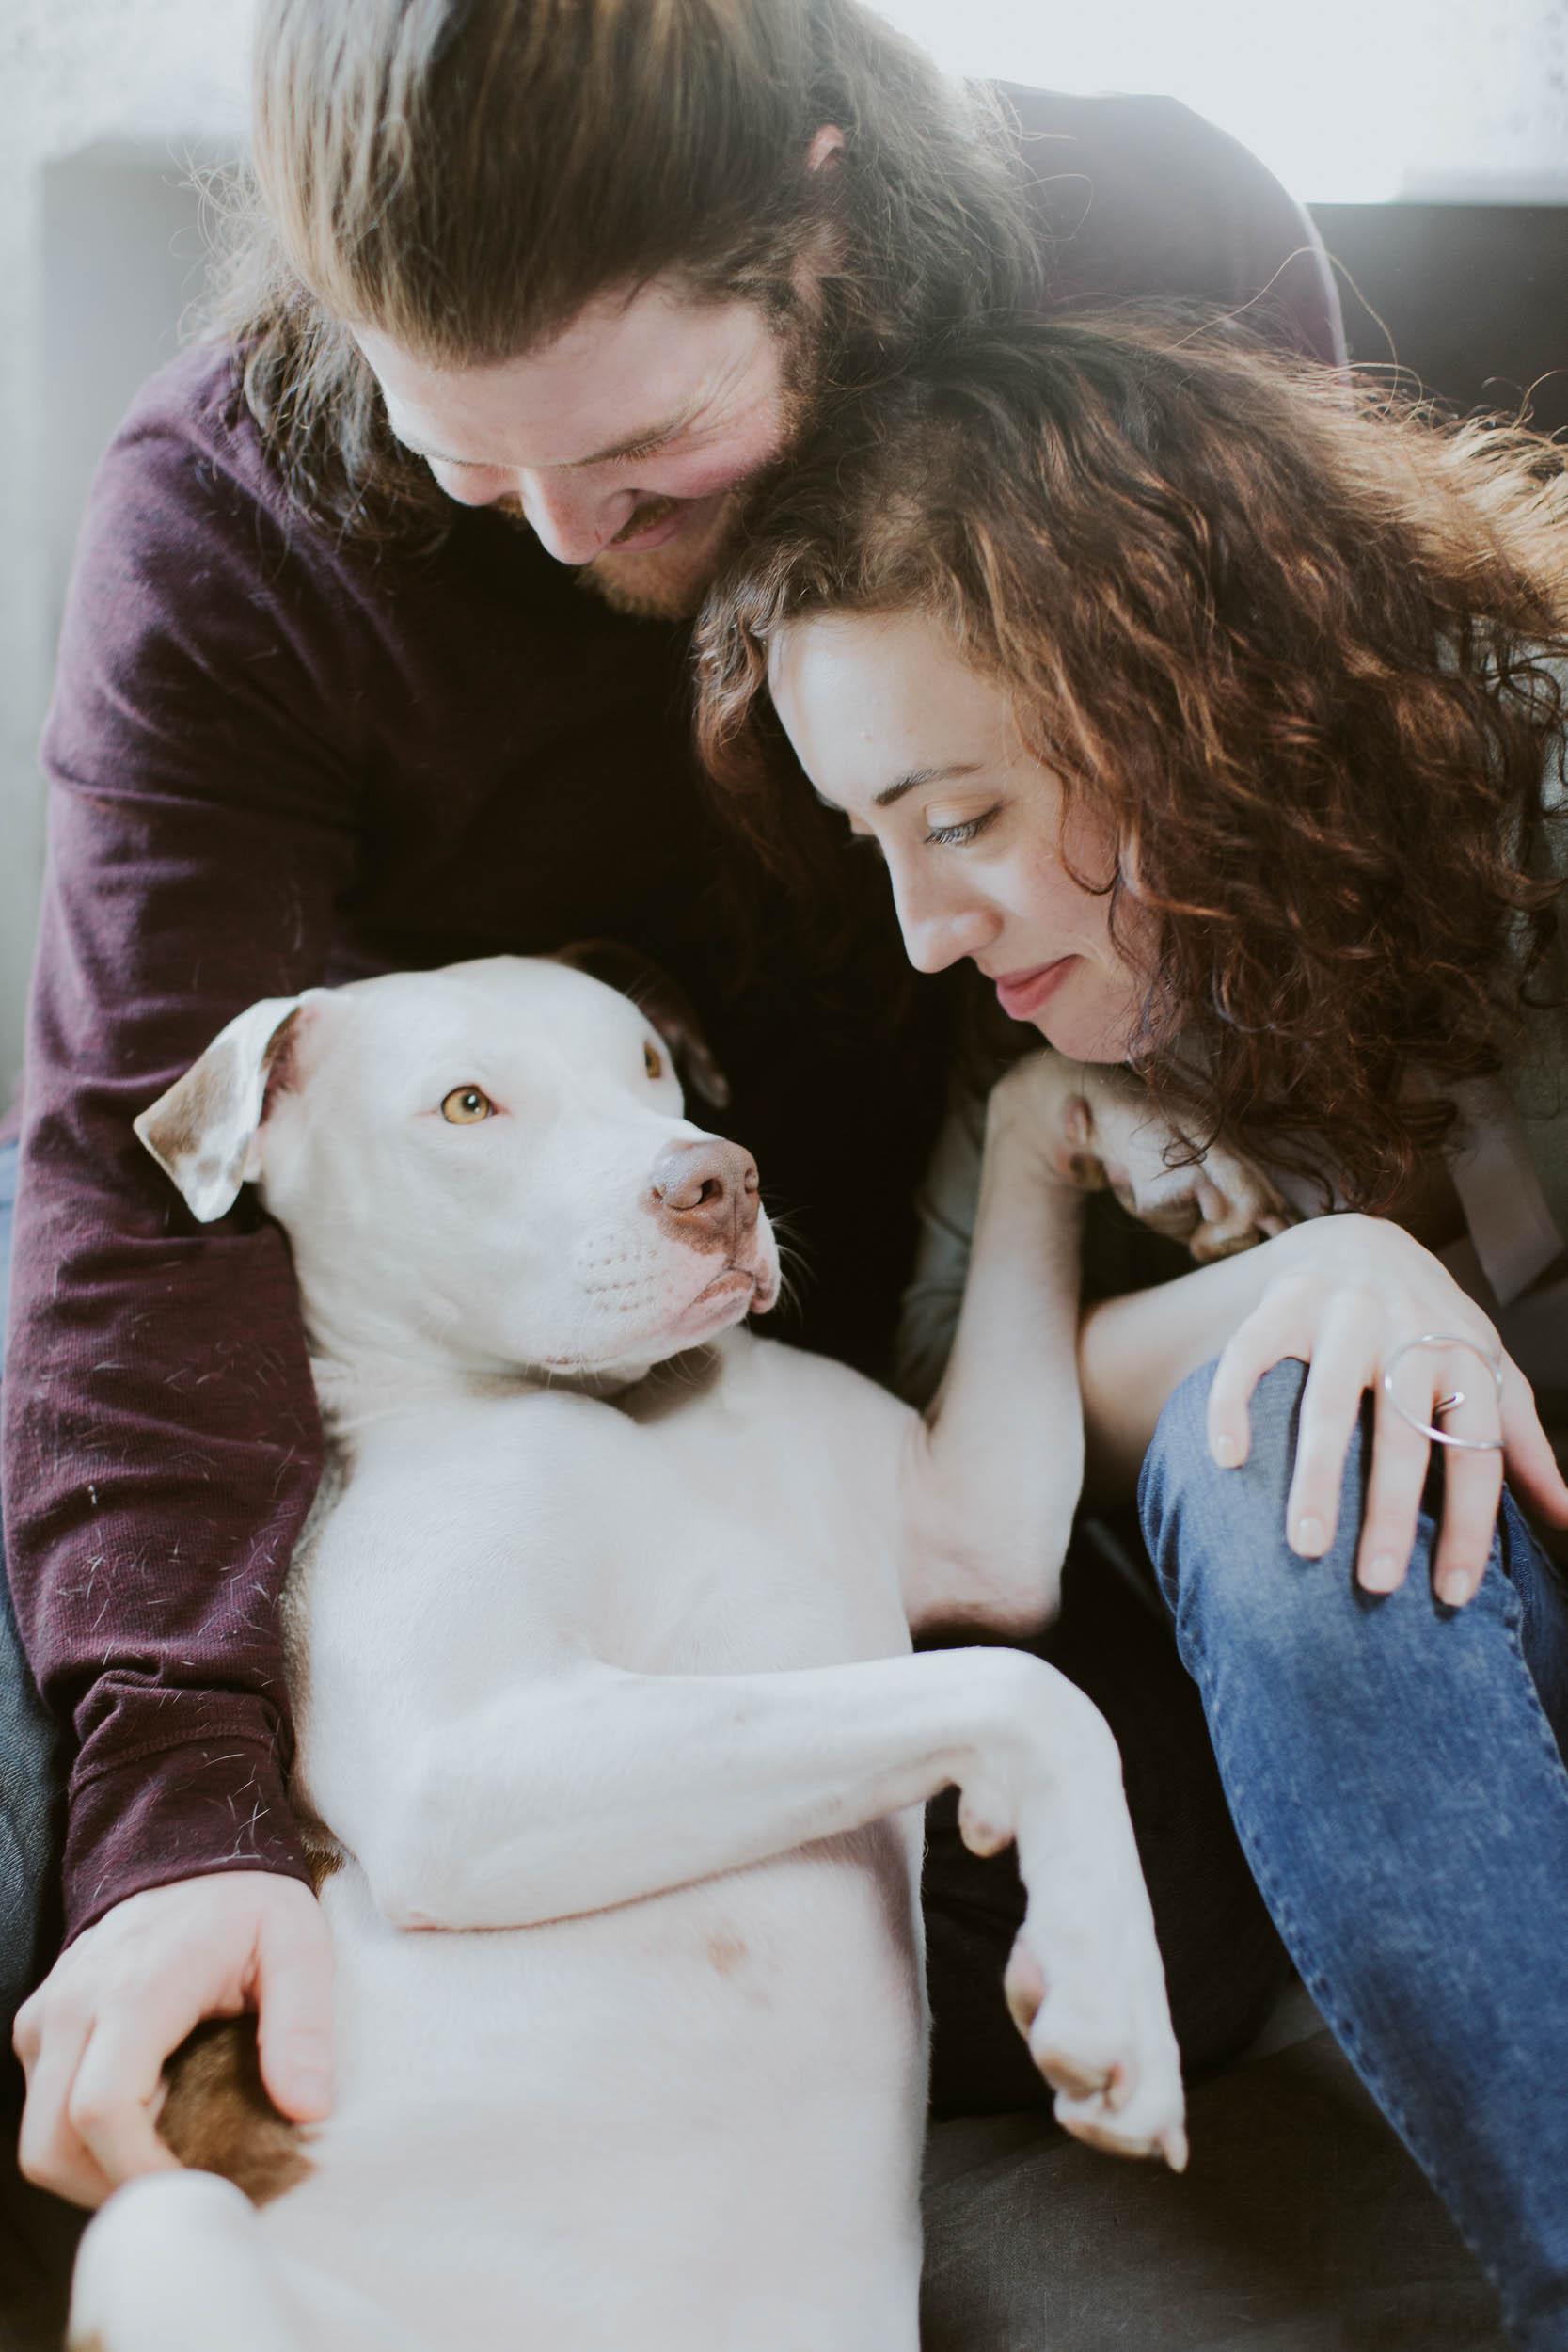 Kristen-Humbert-Family-Photoshoot-Philadelphia_Ruby-James-W-2-13.jpg